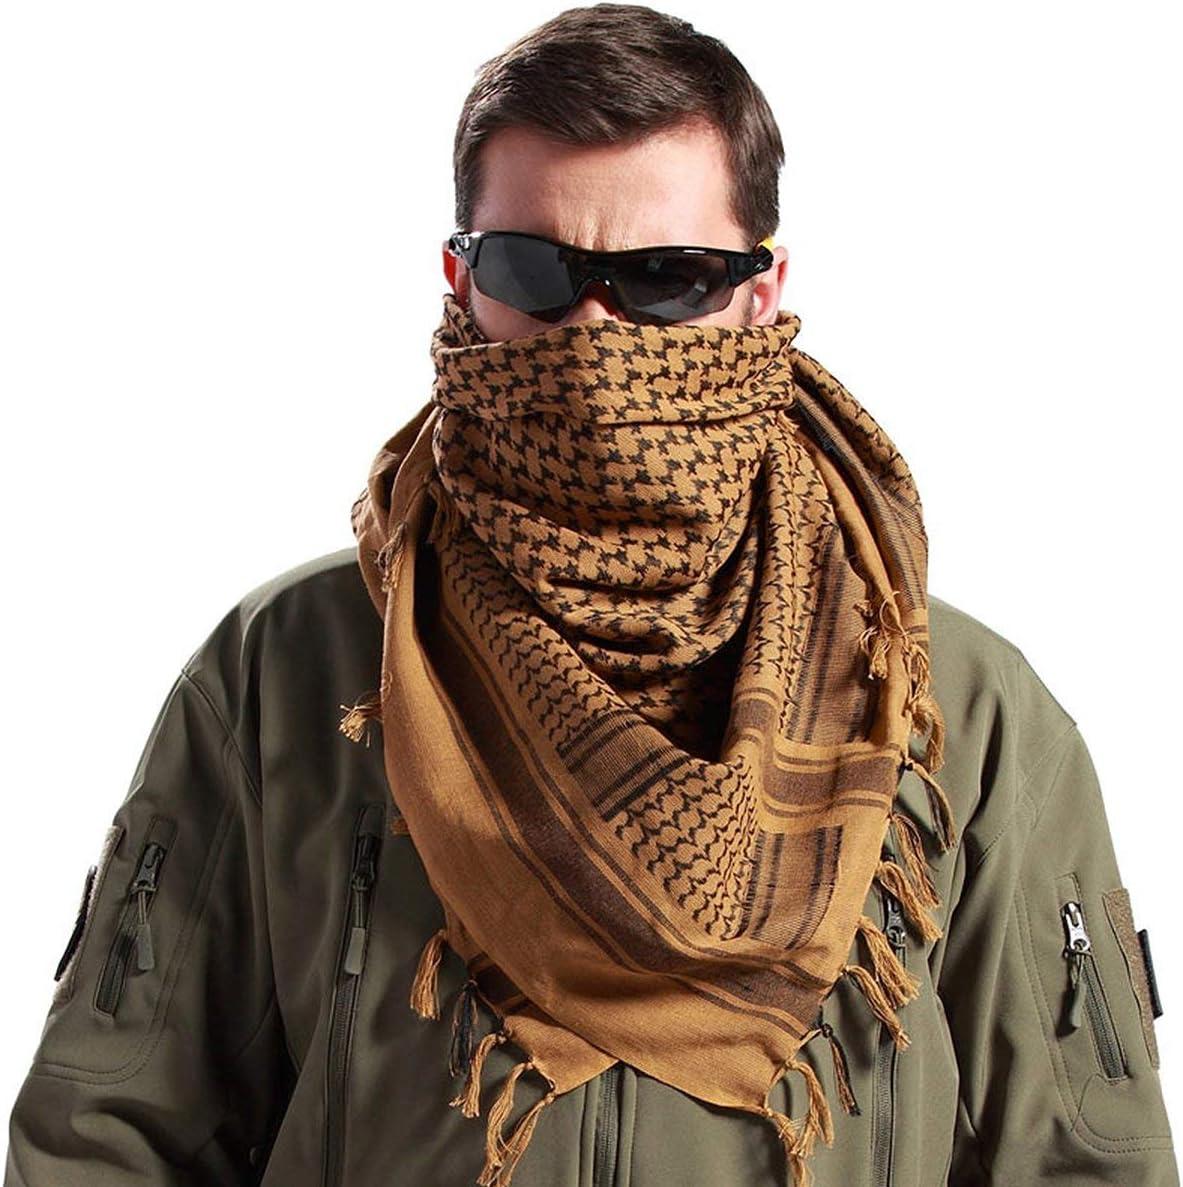 FREE SOLDIER Foulard 100/% Coton /écharpe Militaire Shemagh Tactique d/ésert Keffiyeh avec Tassel 43 x 43 Pouces